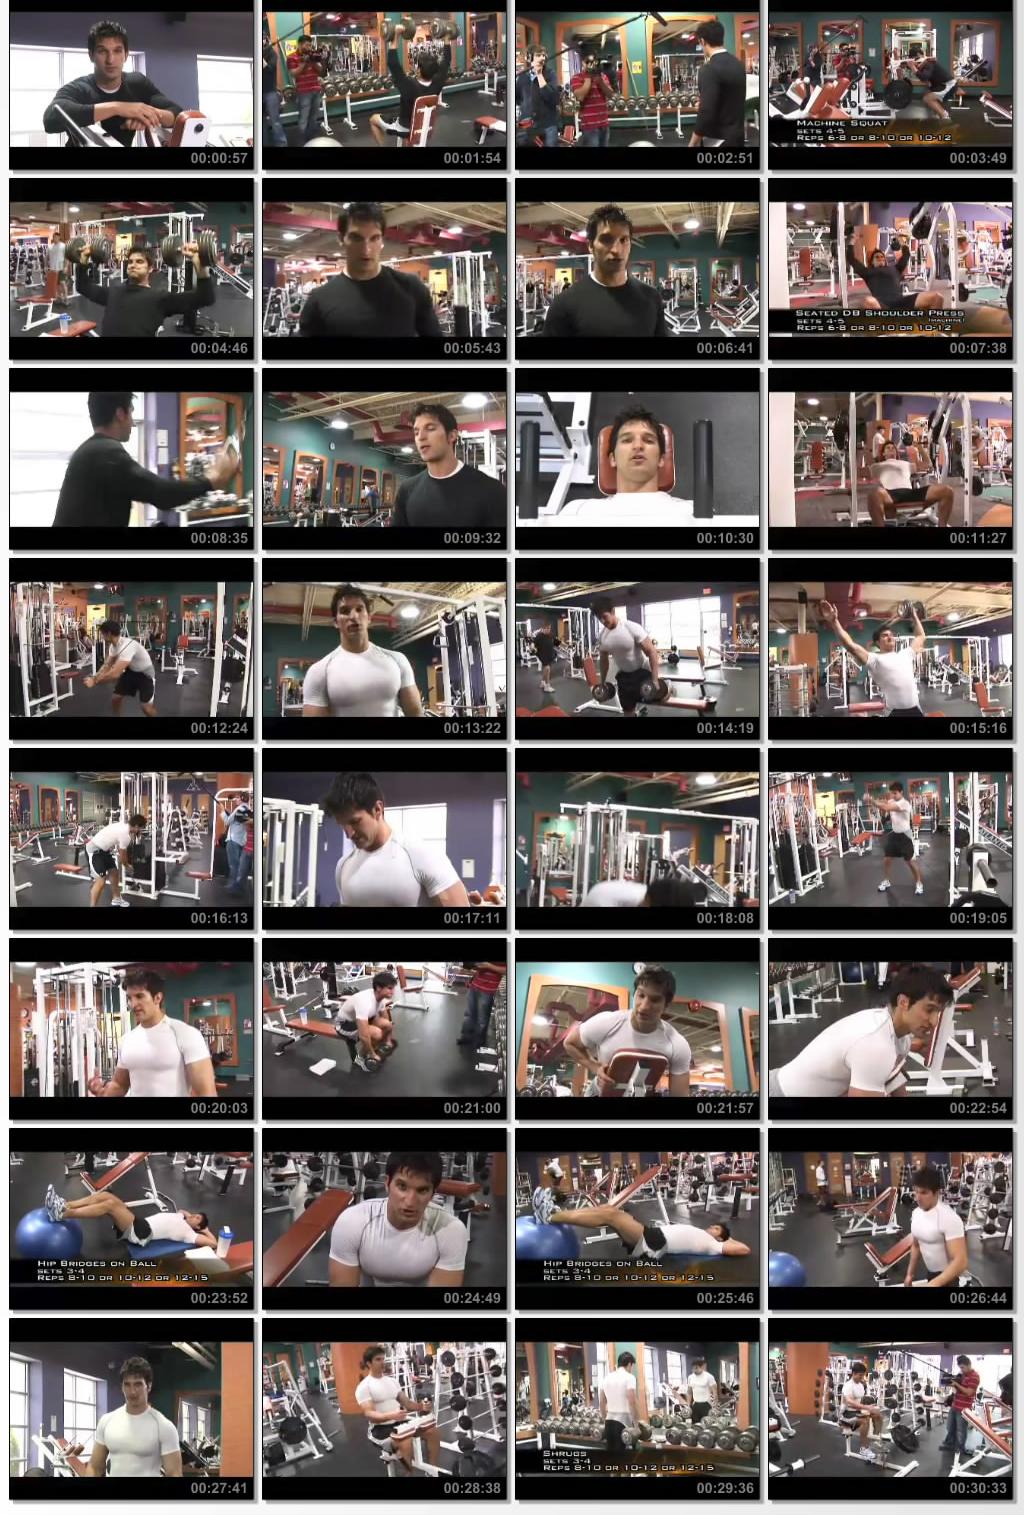 دانلود فیلم آموزش بدنسازی Vince Delmonte - No Nonsense Muscle Building